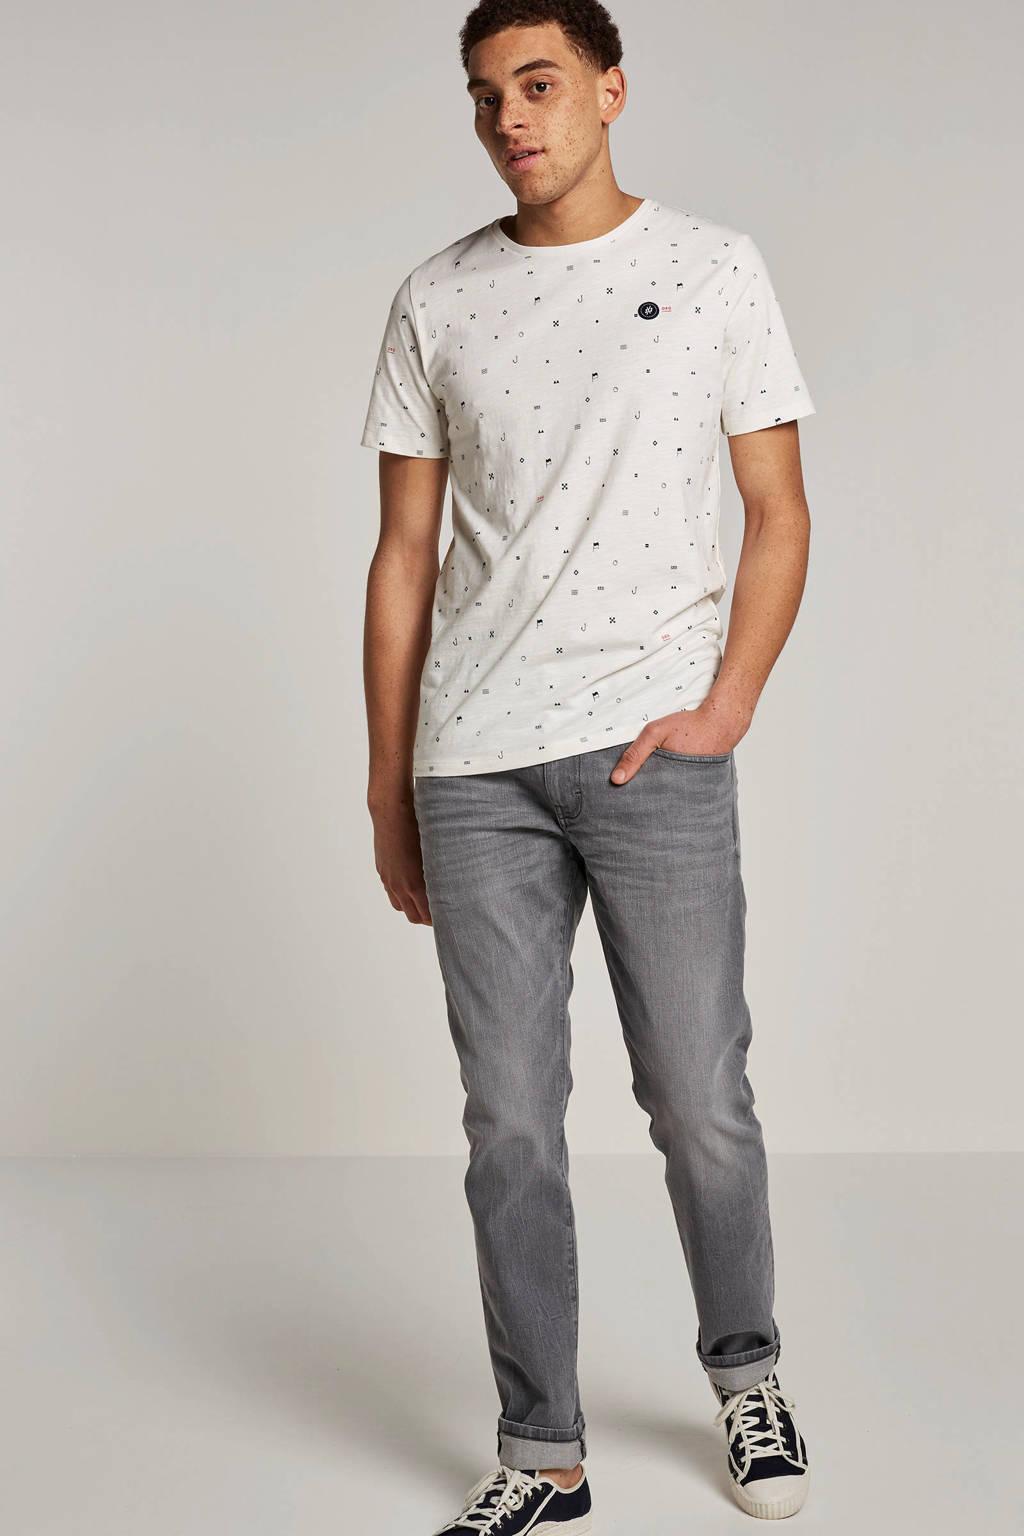 Jack & Jones Originals T-shirt Crusoe met print wit, Wit/zwart